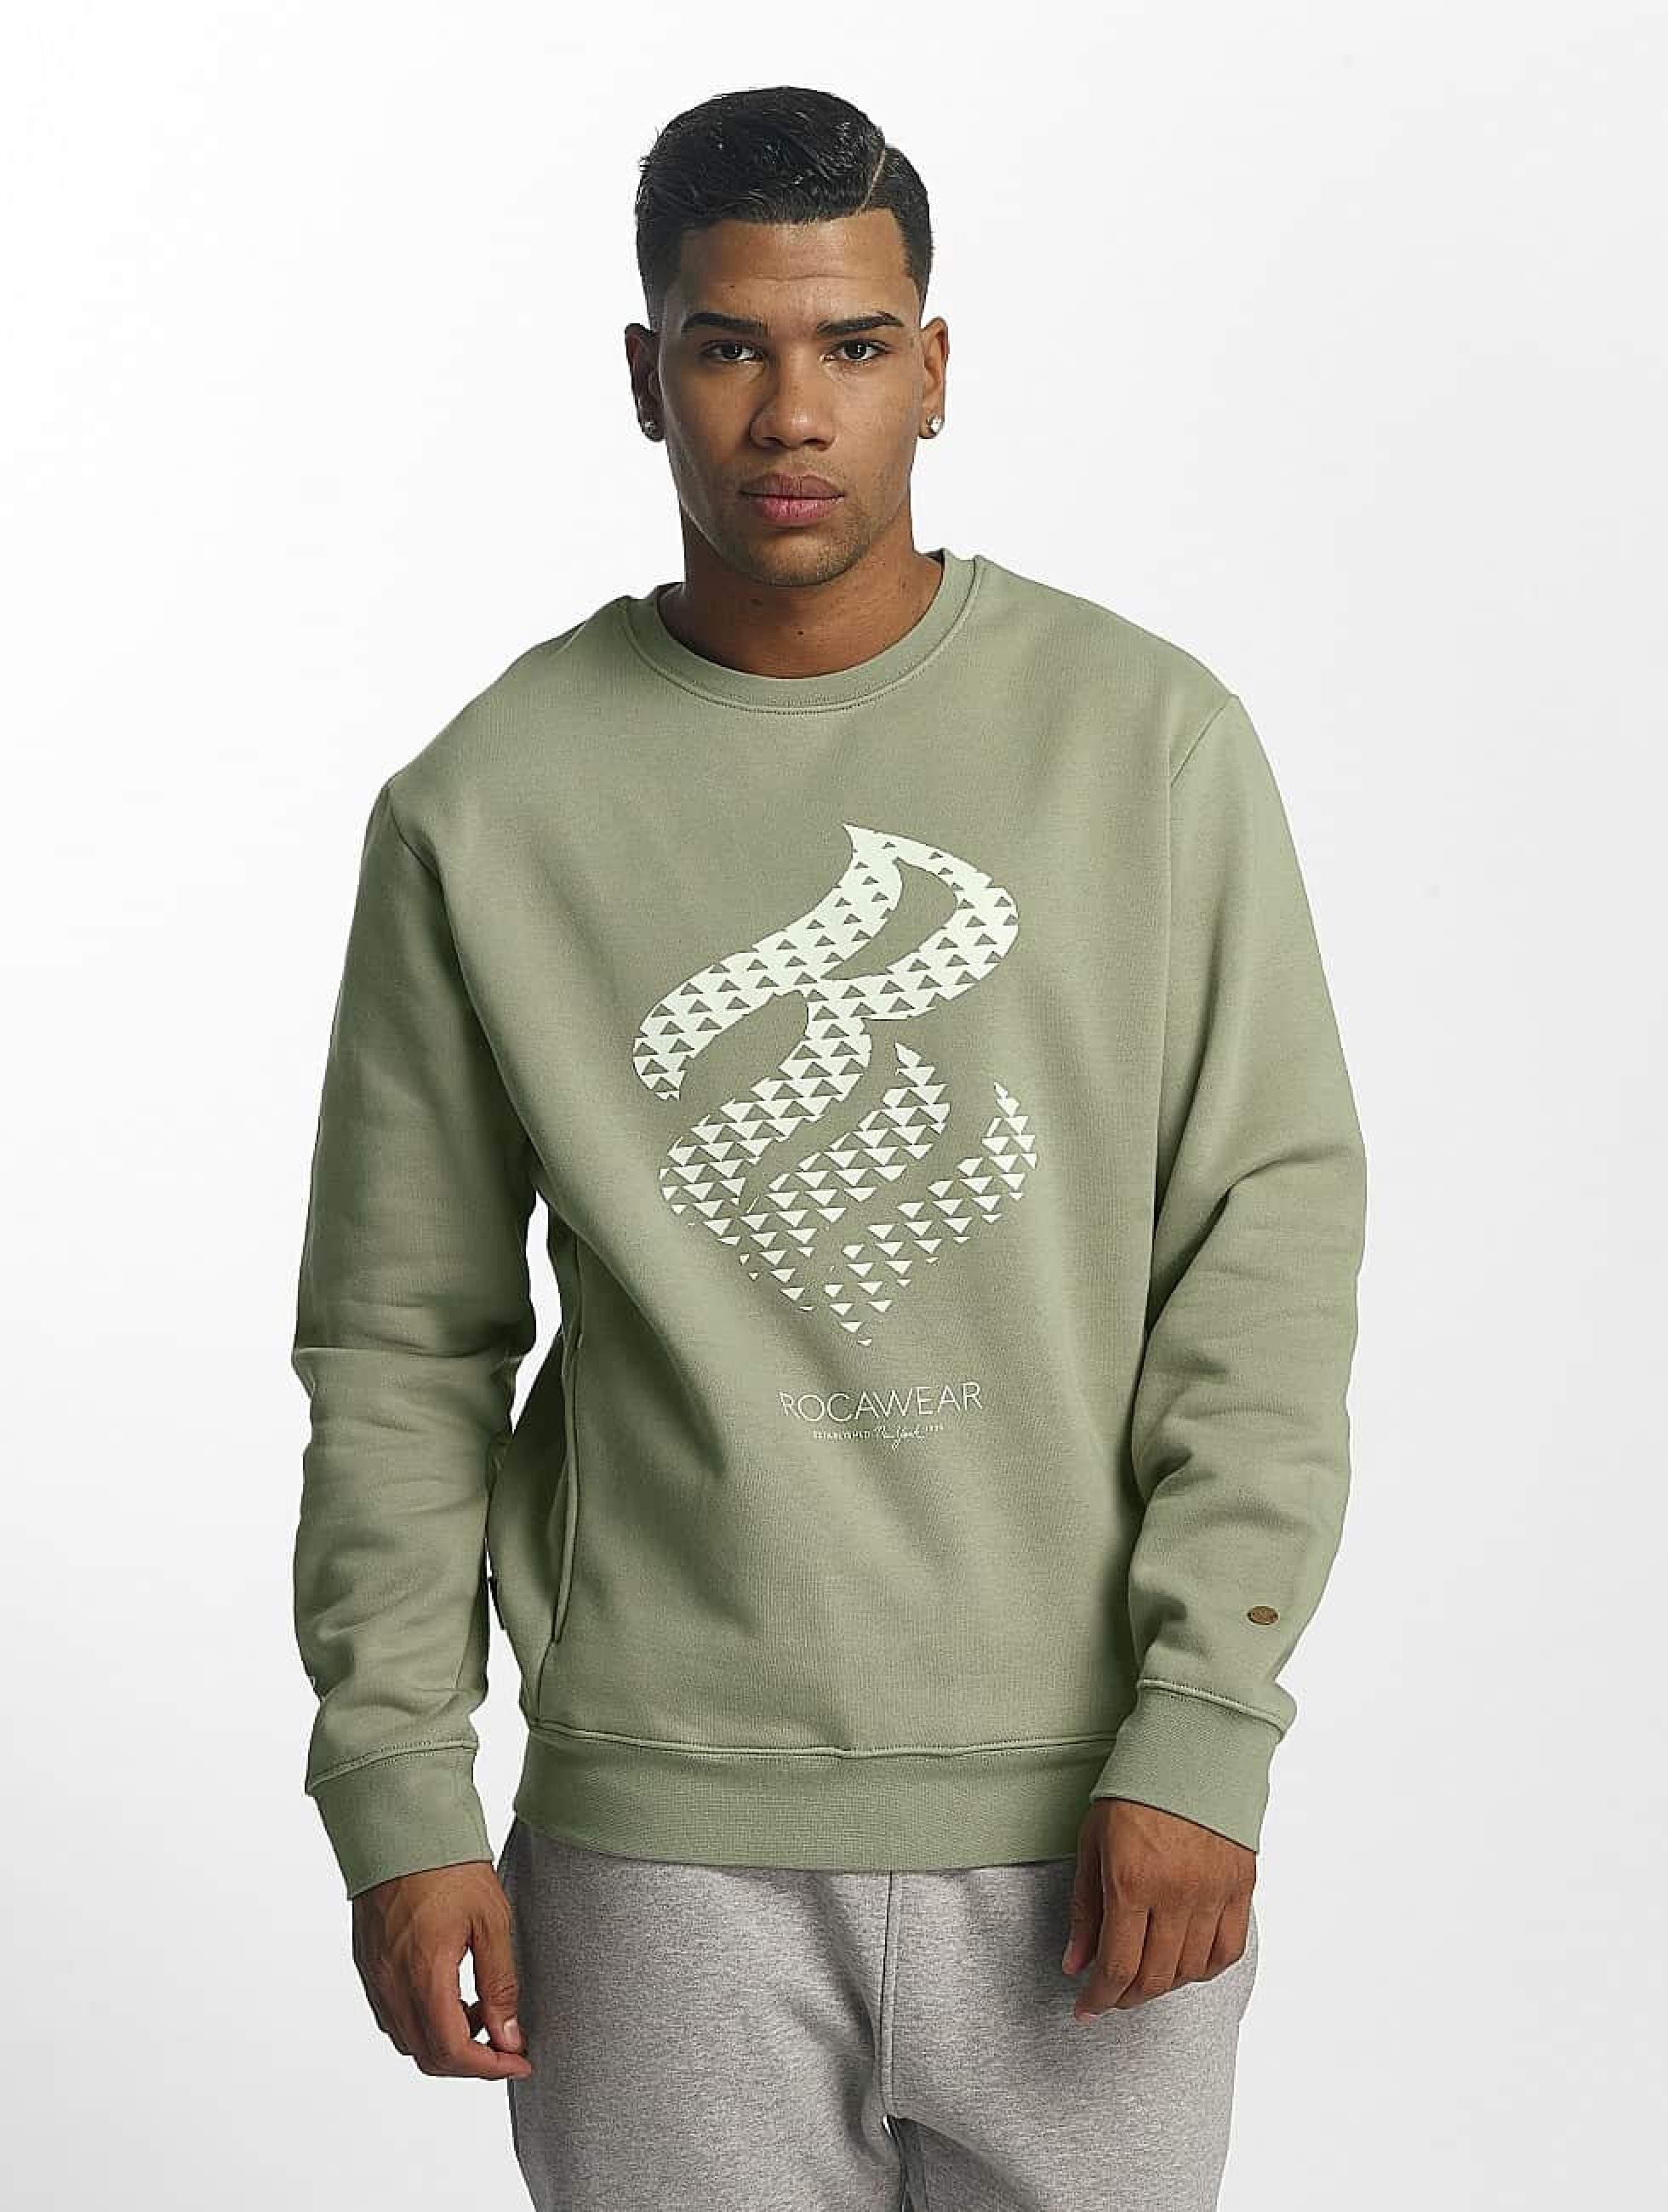 Rocawear / Jumper Triangle in grey 2XL